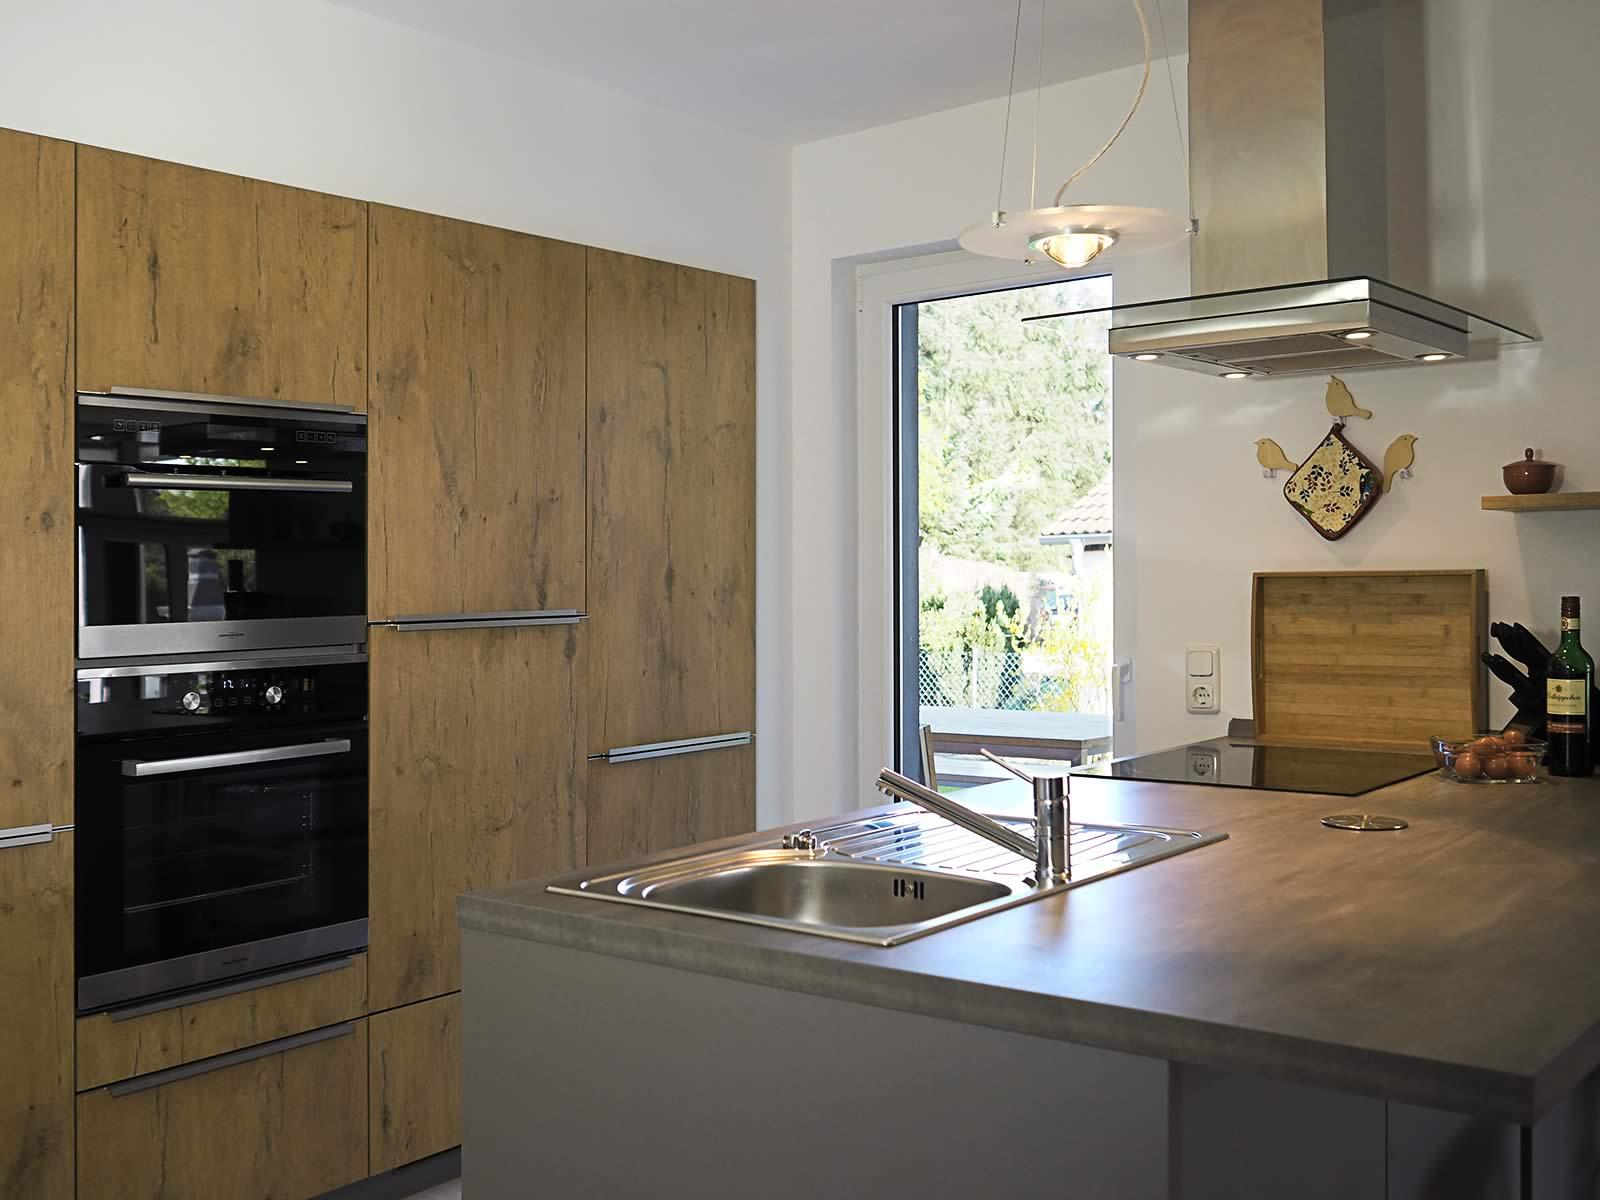 wohnraum mit offener k che wiesenart zingst. Black Bedroom Furniture Sets. Home Design Ideas